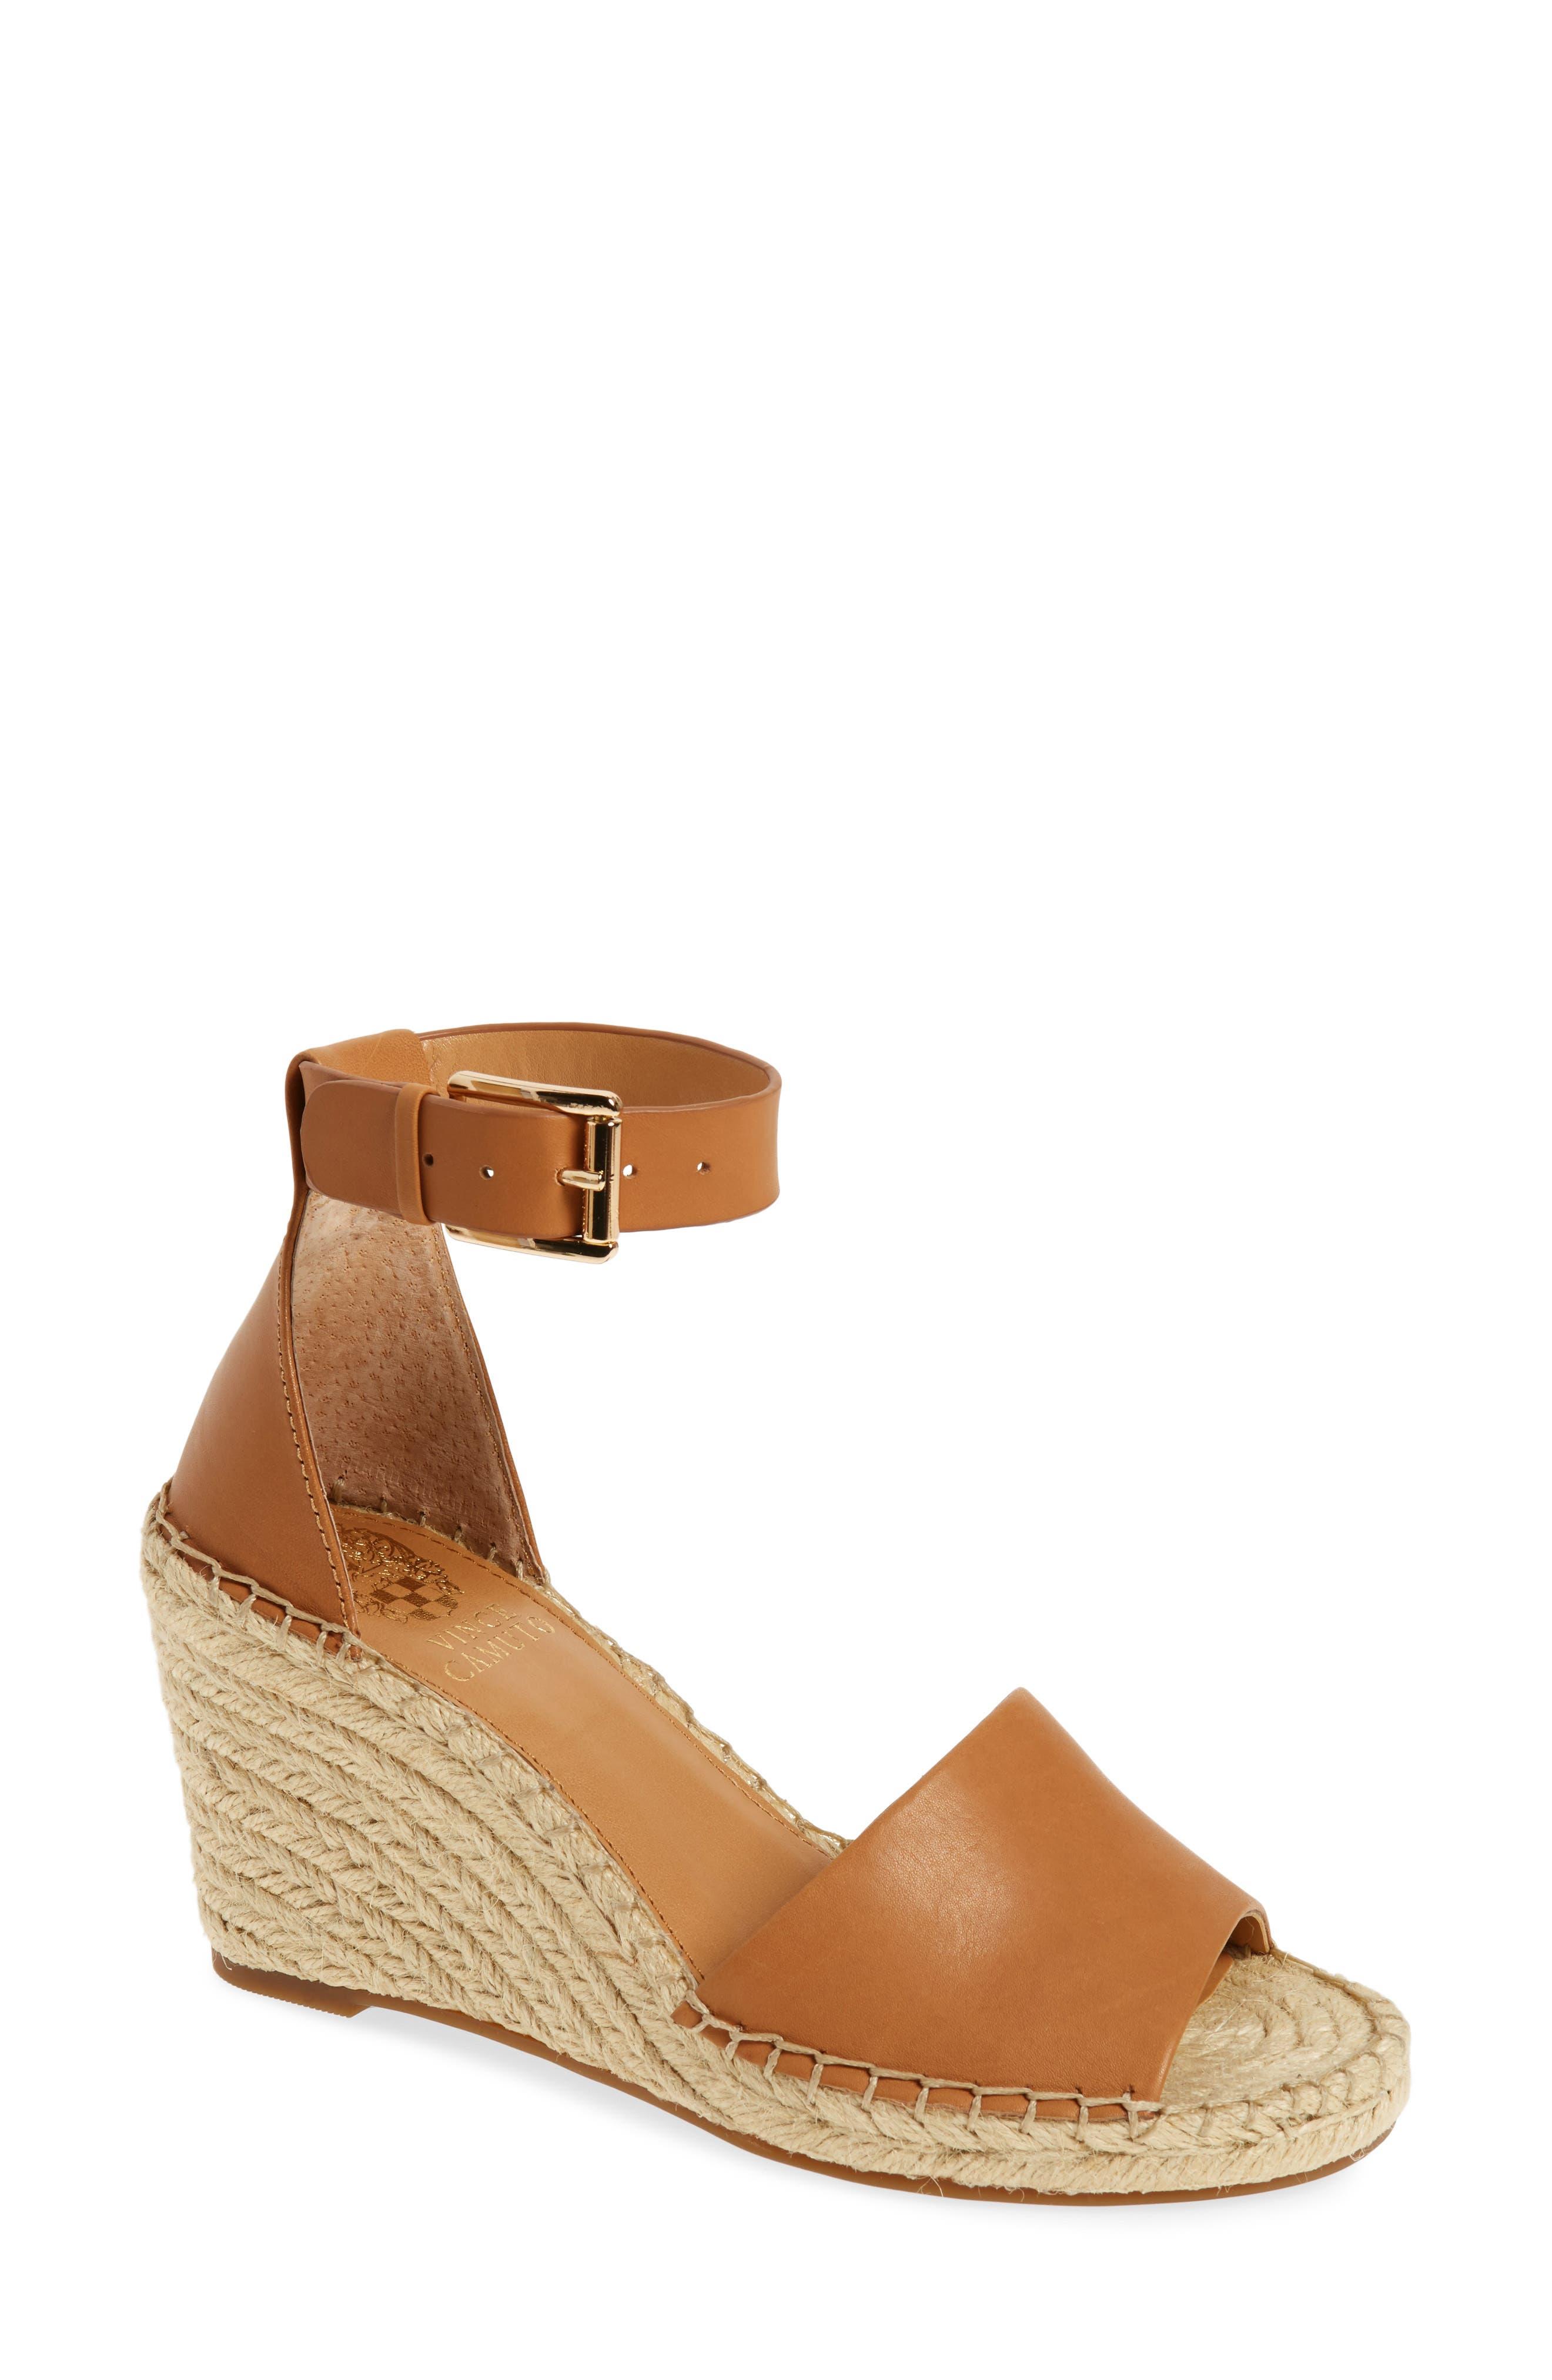 VINCE CAMUTO Leera Wedge Sandal, Main, color, TAN